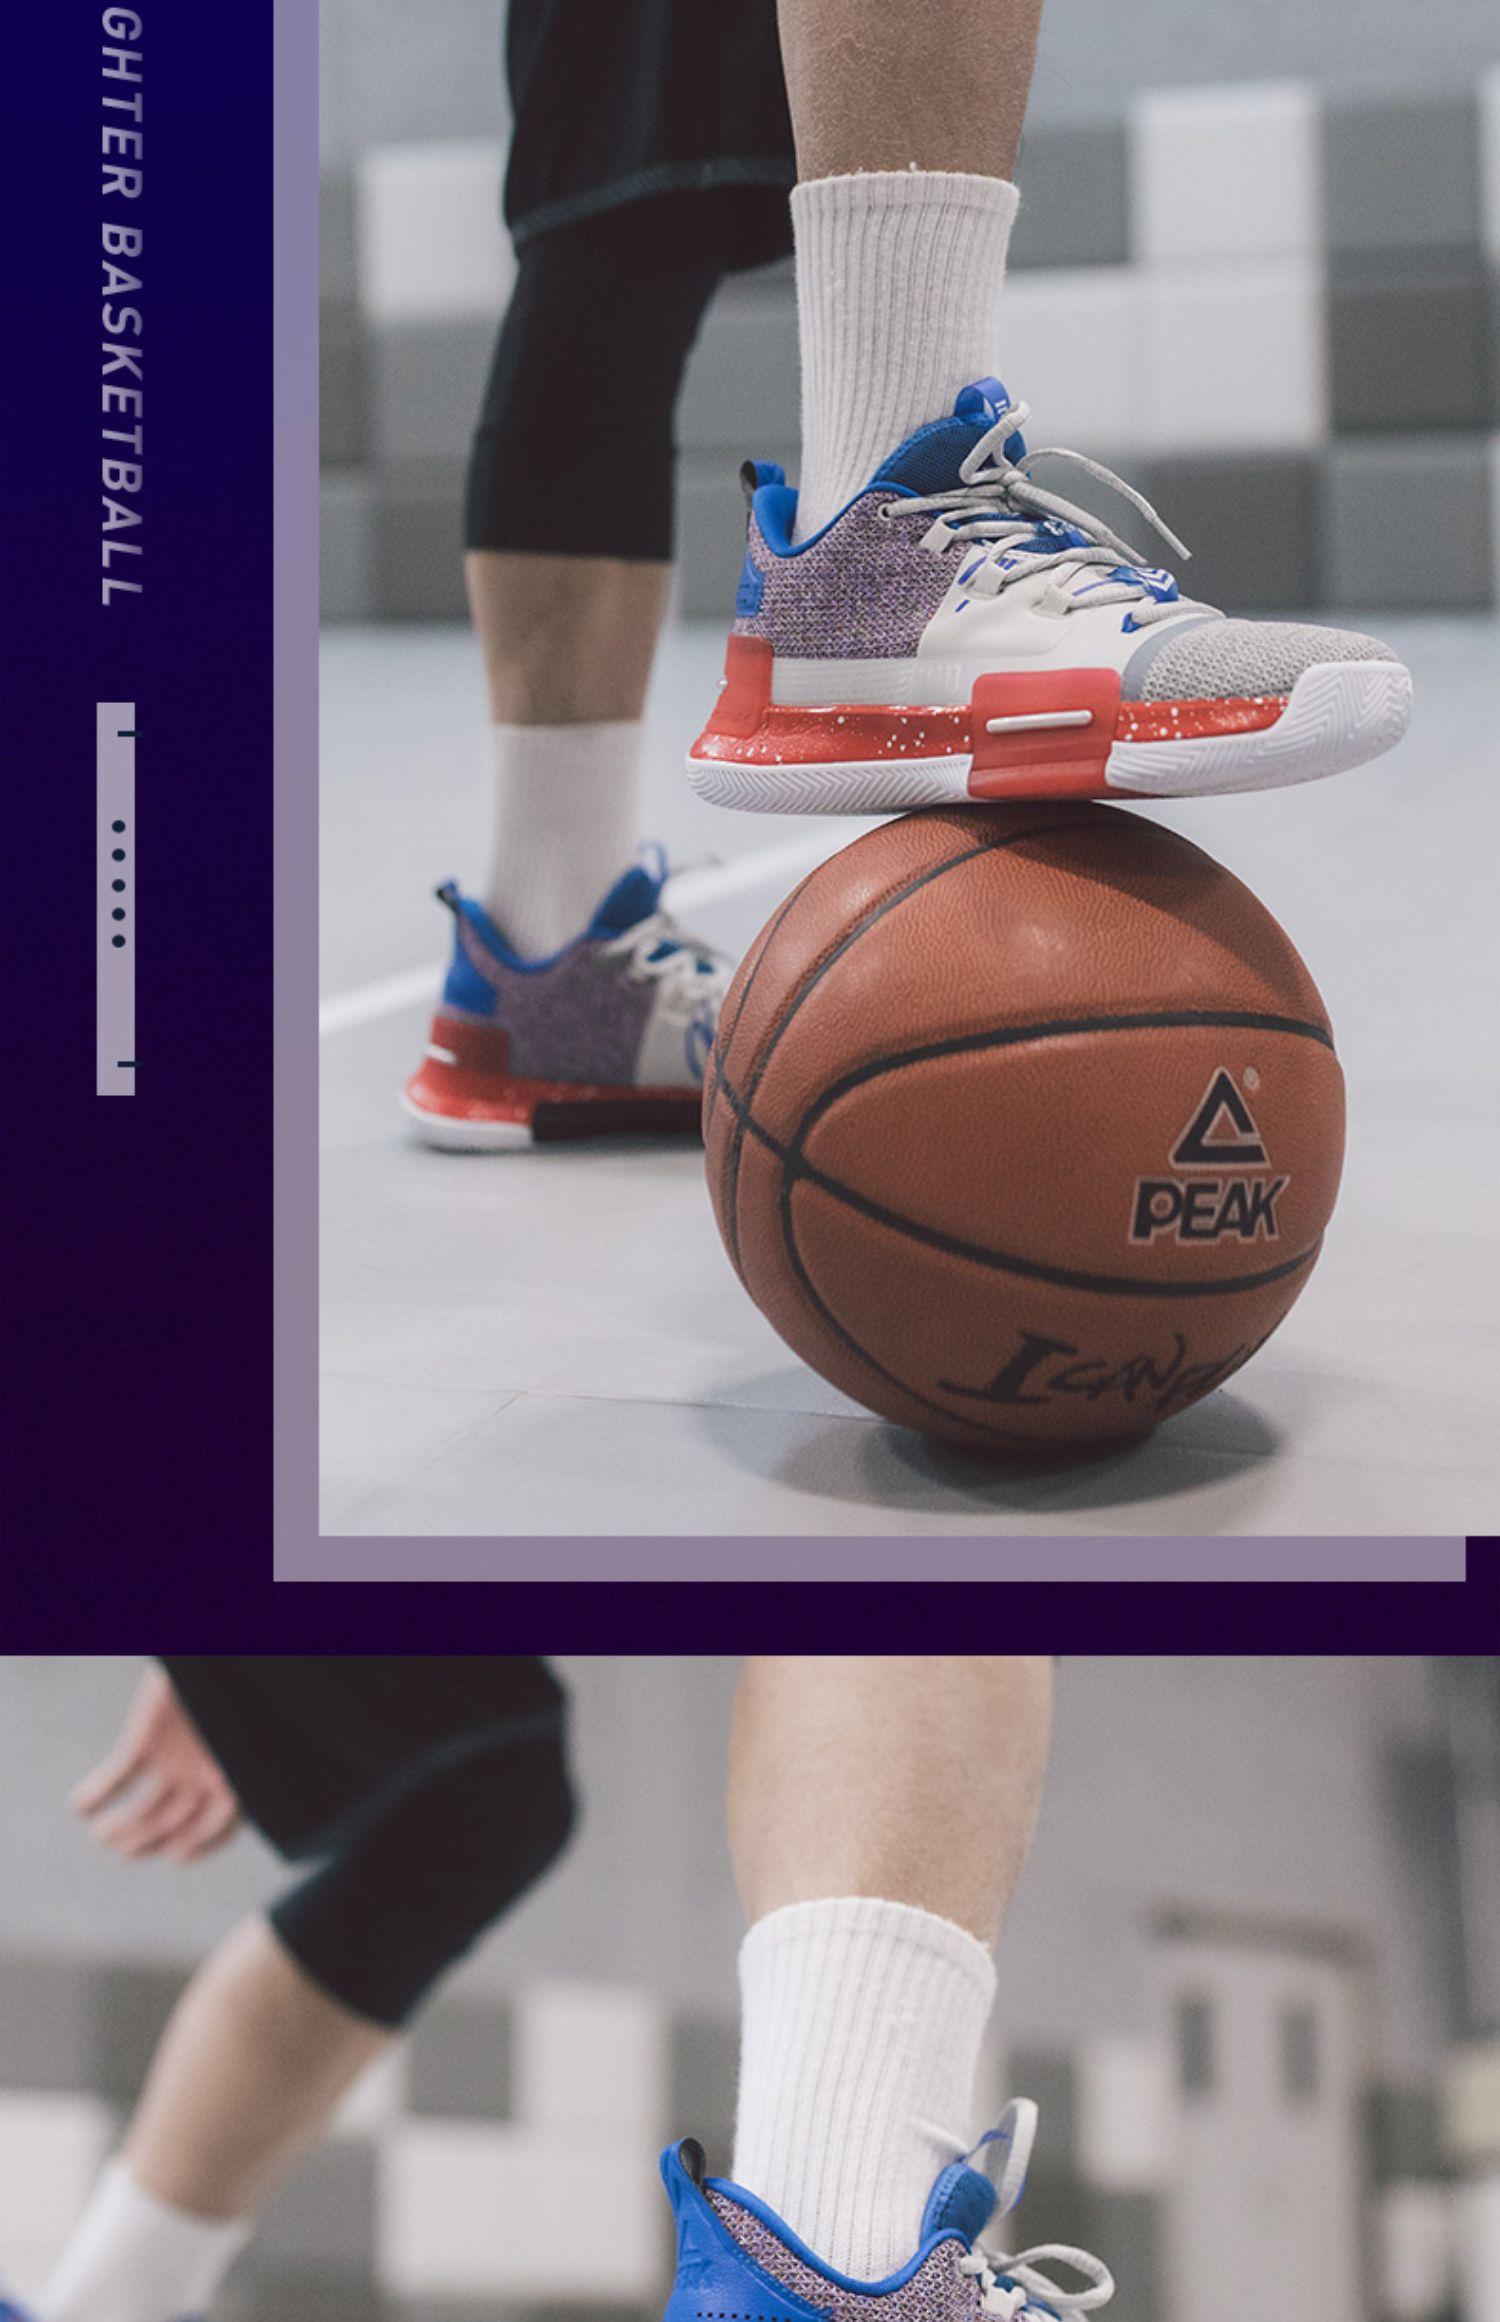 匹克闪现态极篮球鞋男鞋路威官方旗舰店耐磨防滑男实战运动球鞋男商品详情图